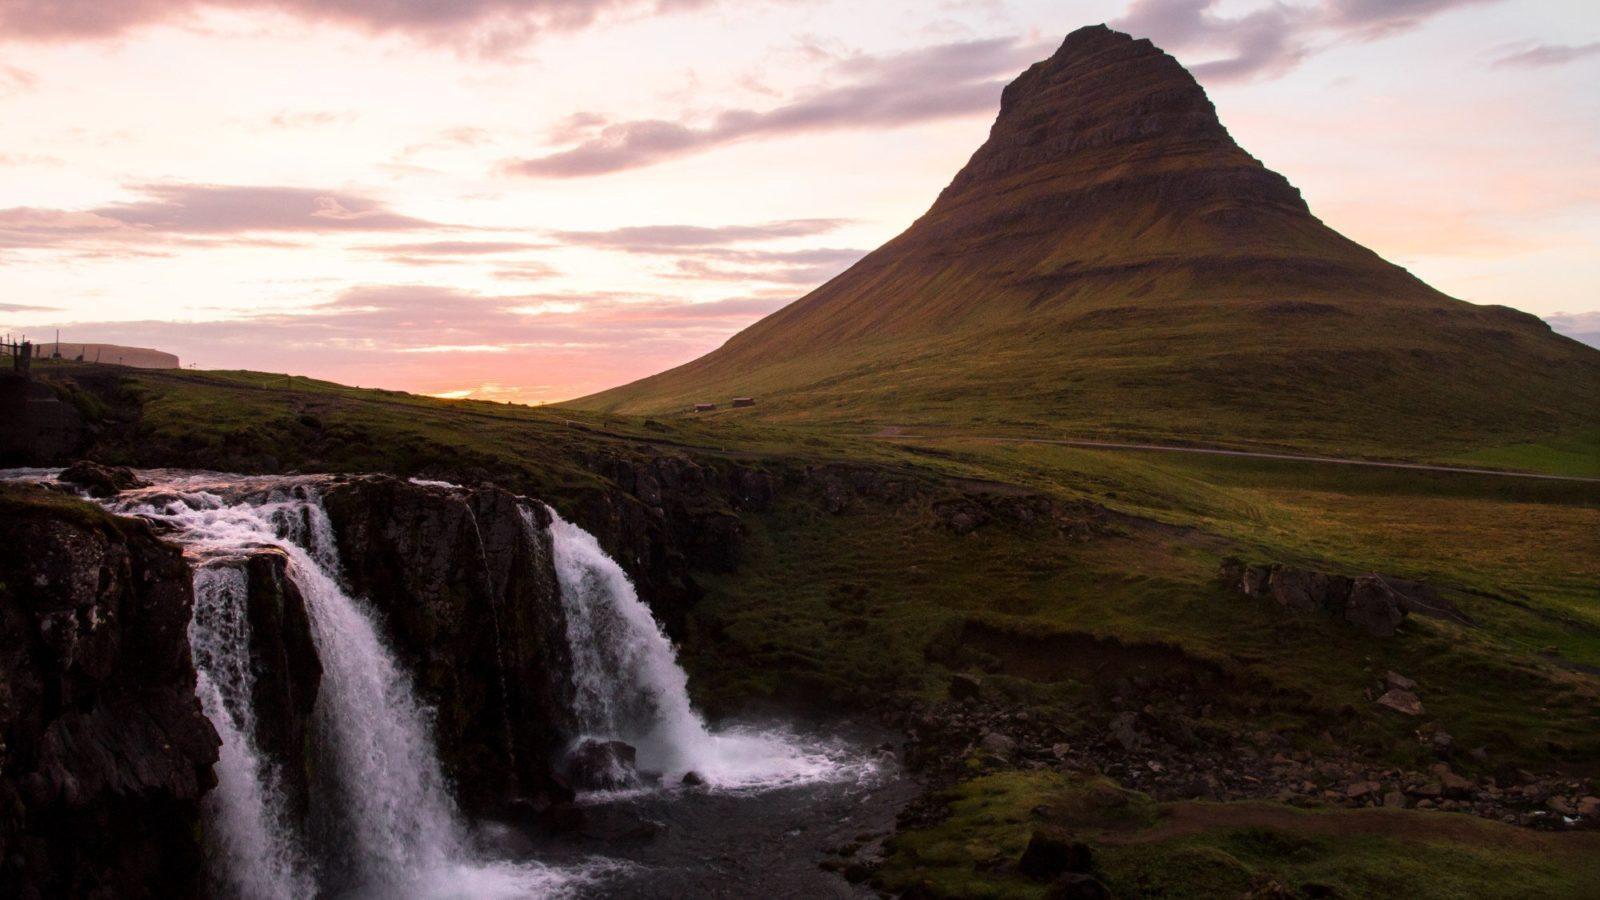 Mt. Kirkjufell in all its glory.